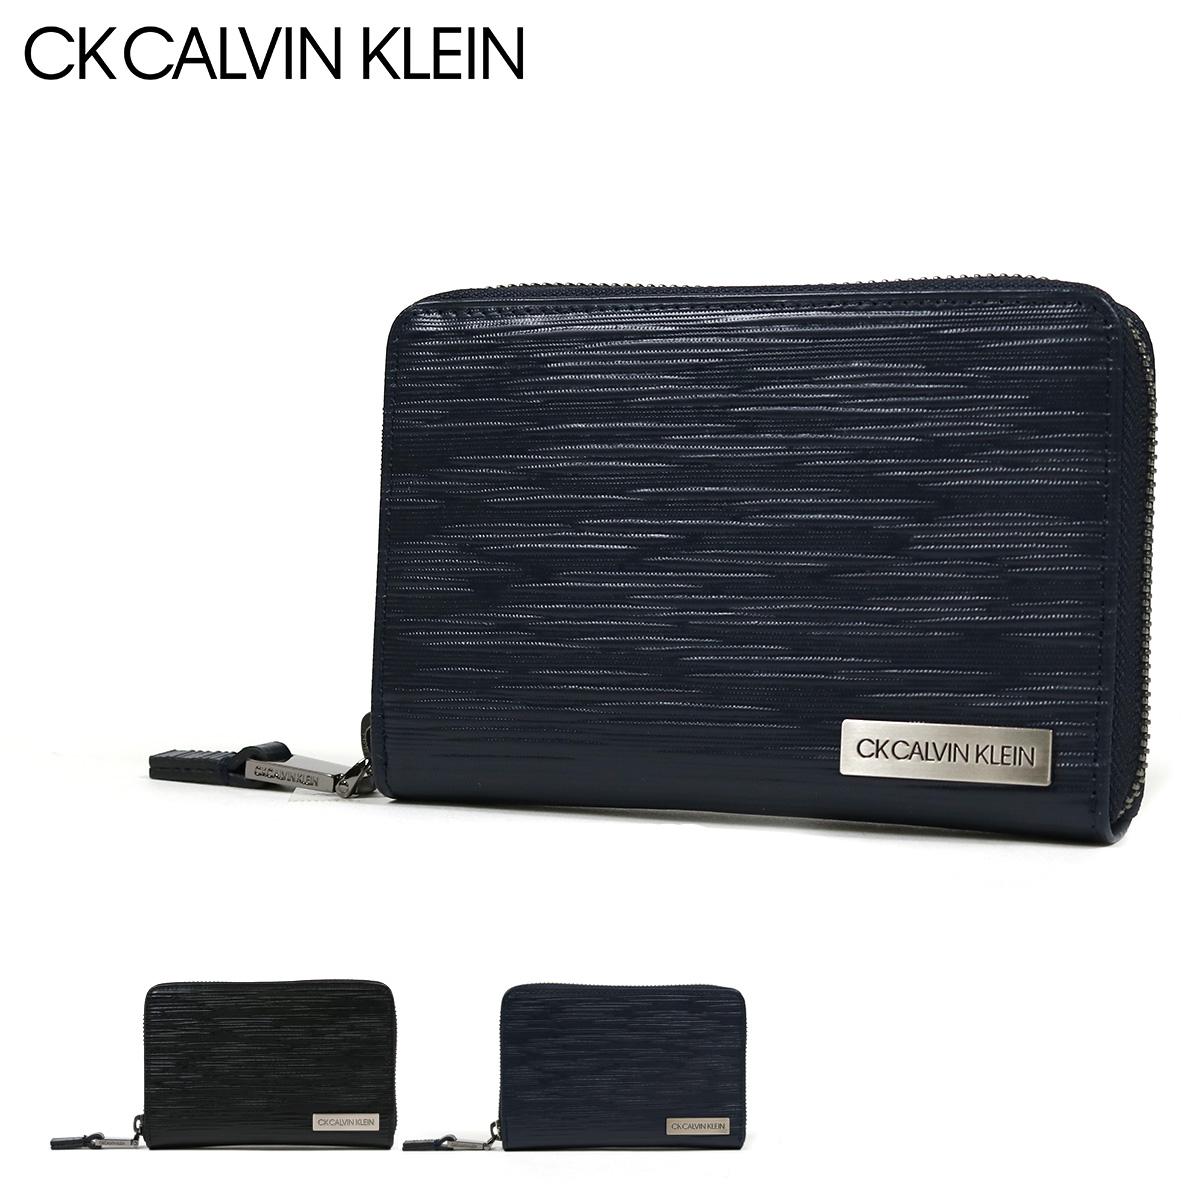 シーケー カルバンクライン 二つ折り財布 ラウンドファスナー タットII メンズ 808615 CK CALVIN KLEIN | 本革 レザー ブランド専用BOX付き[bef][PO5][即日発送]